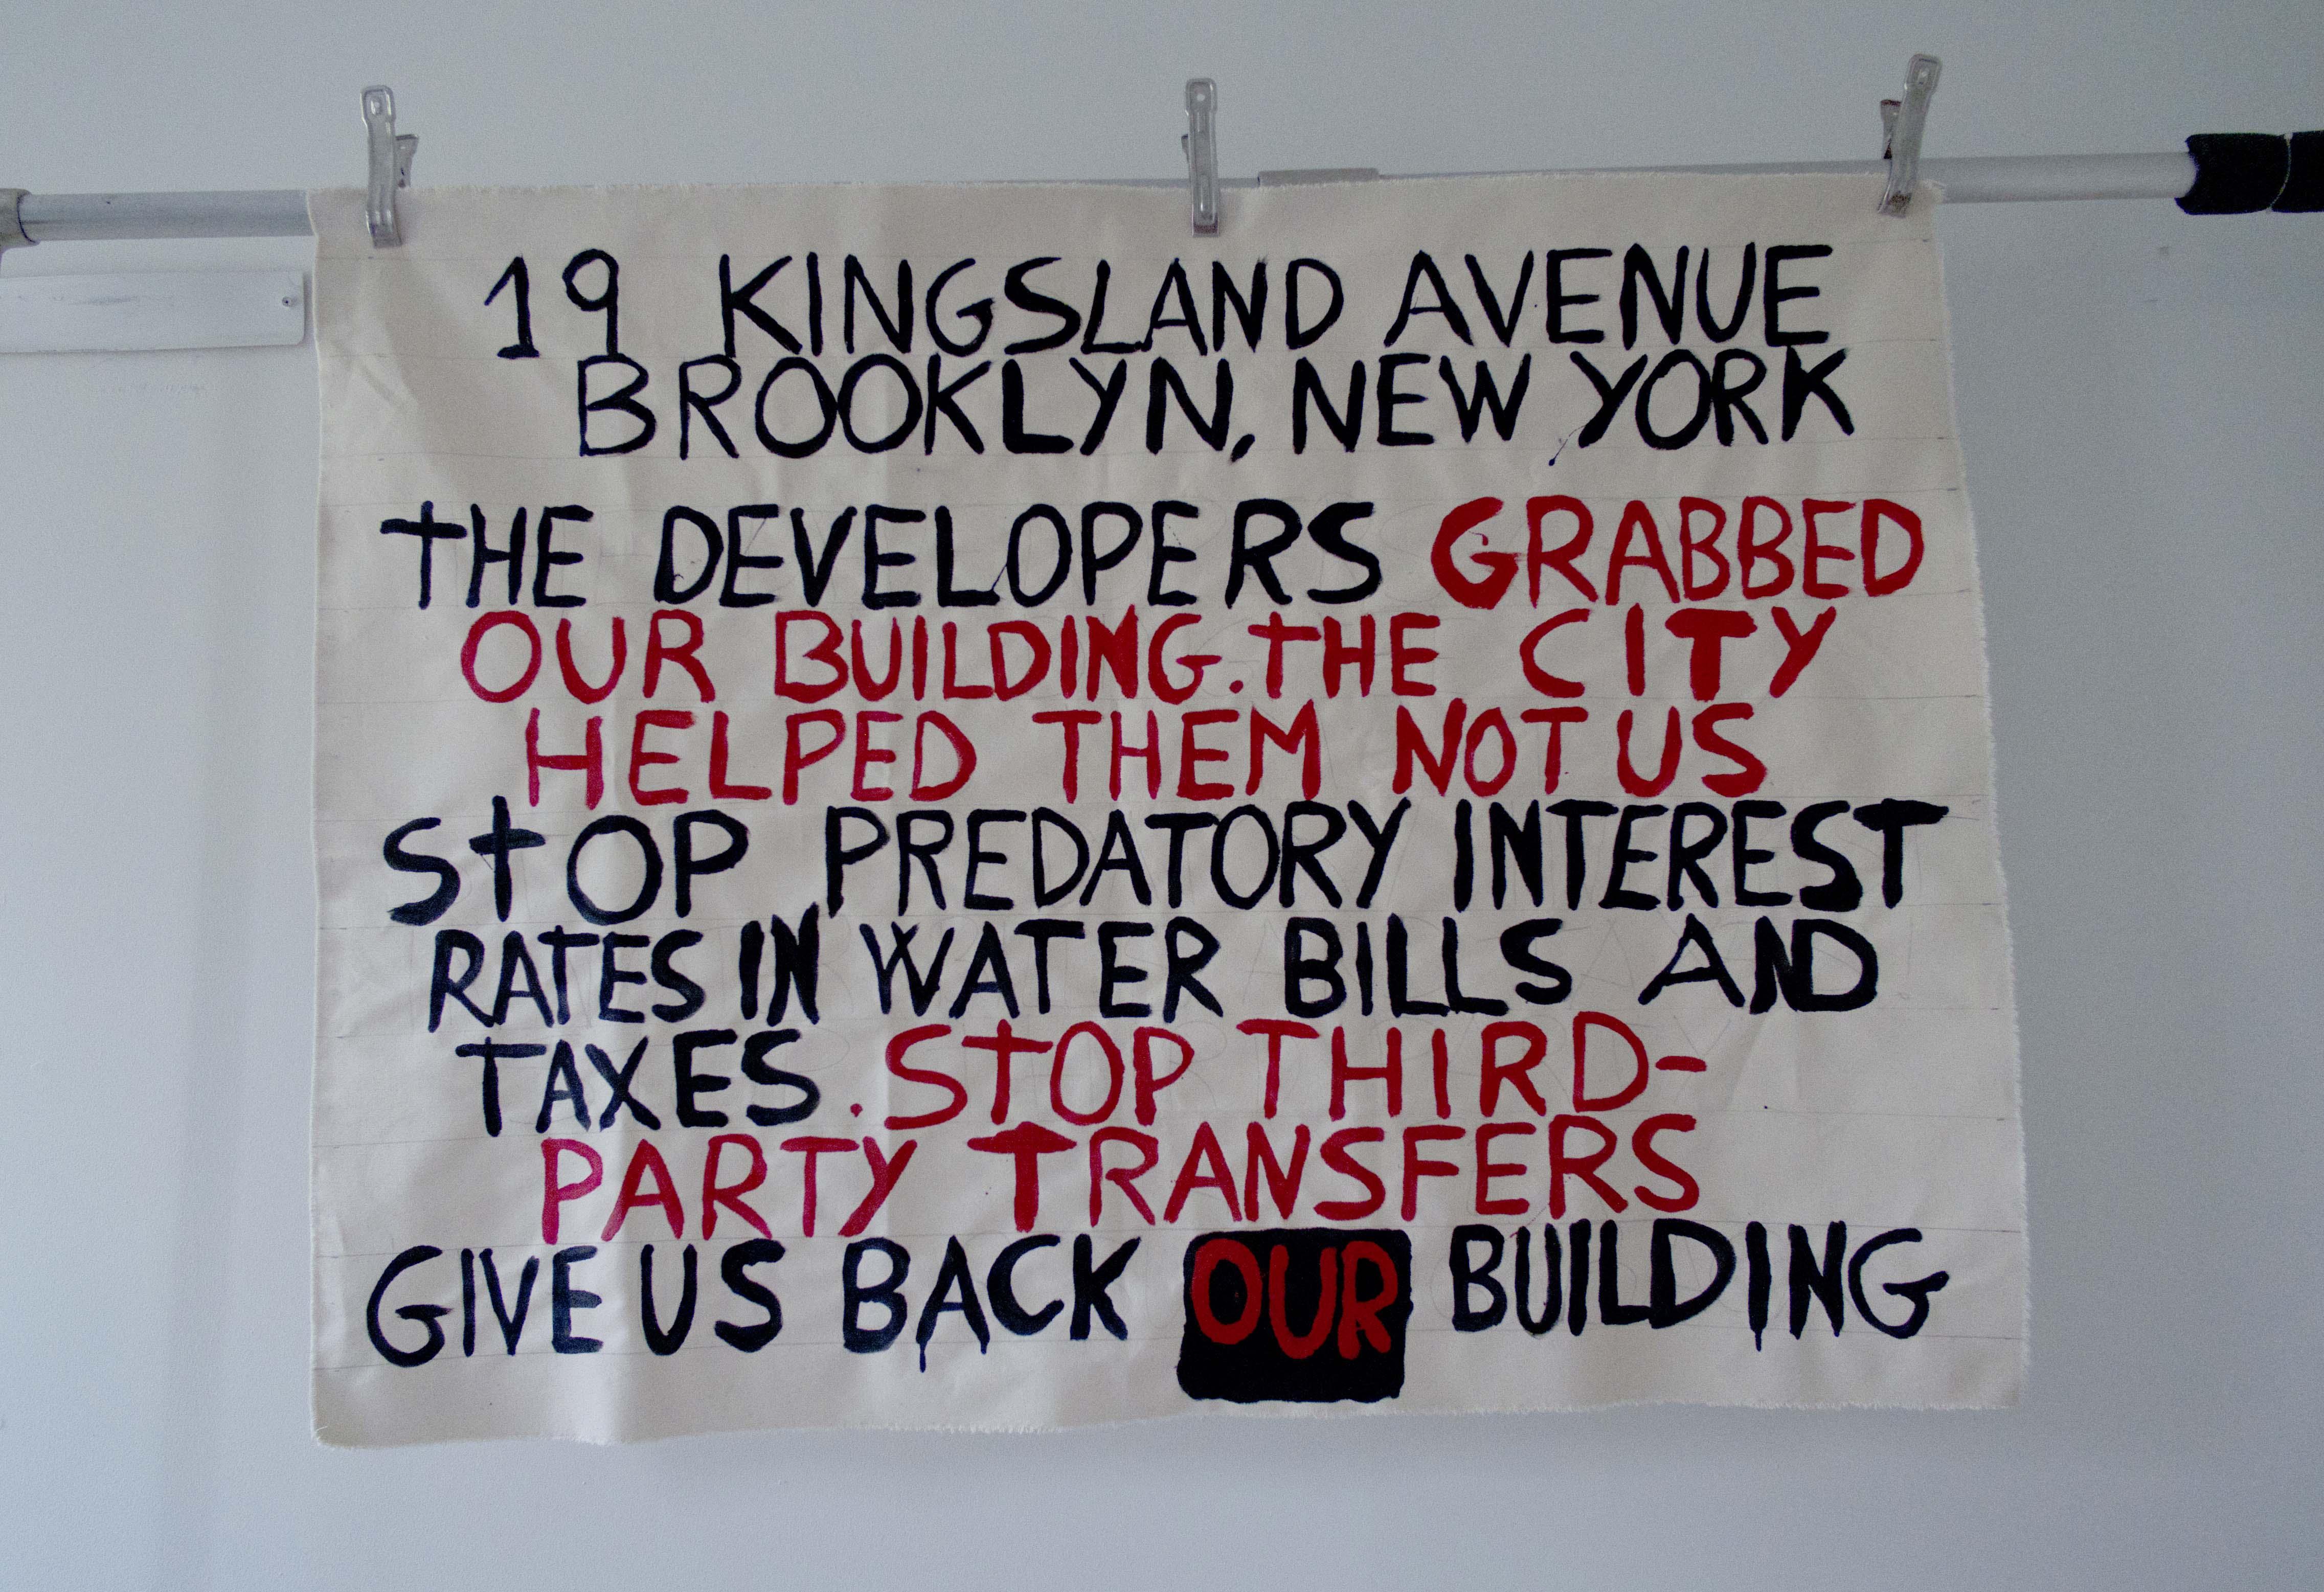 19kingsland avenue grab_banner done by jana leo_october2 2018